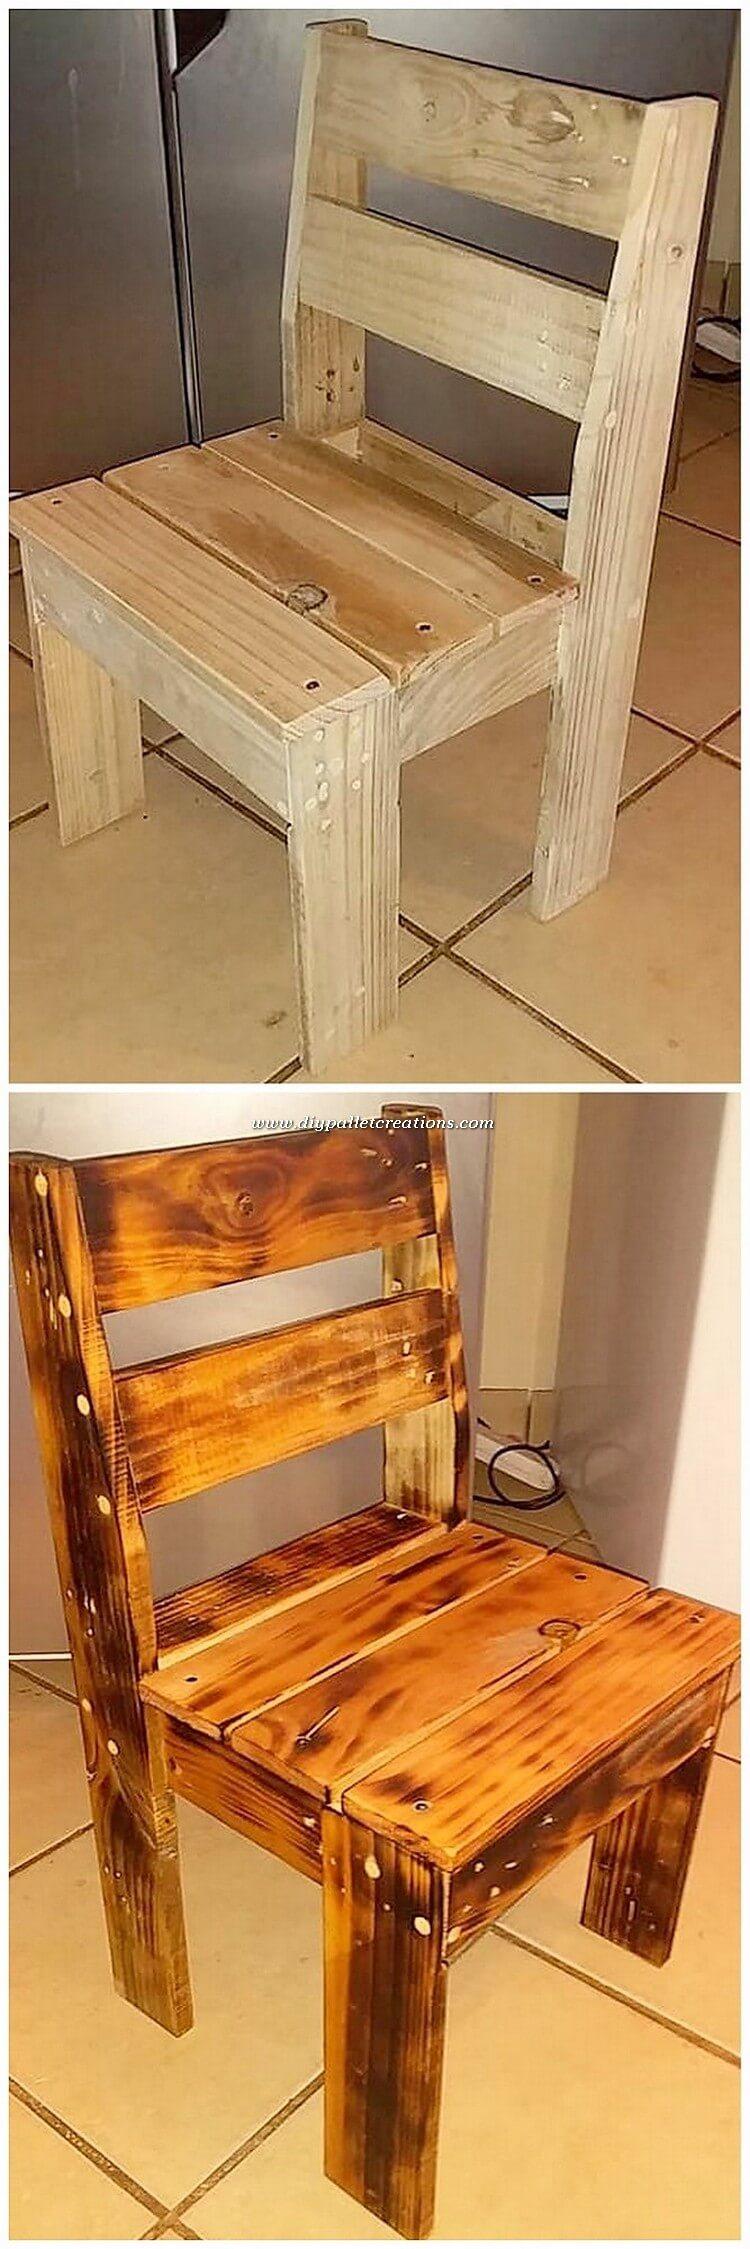 Pallet Chair Idea